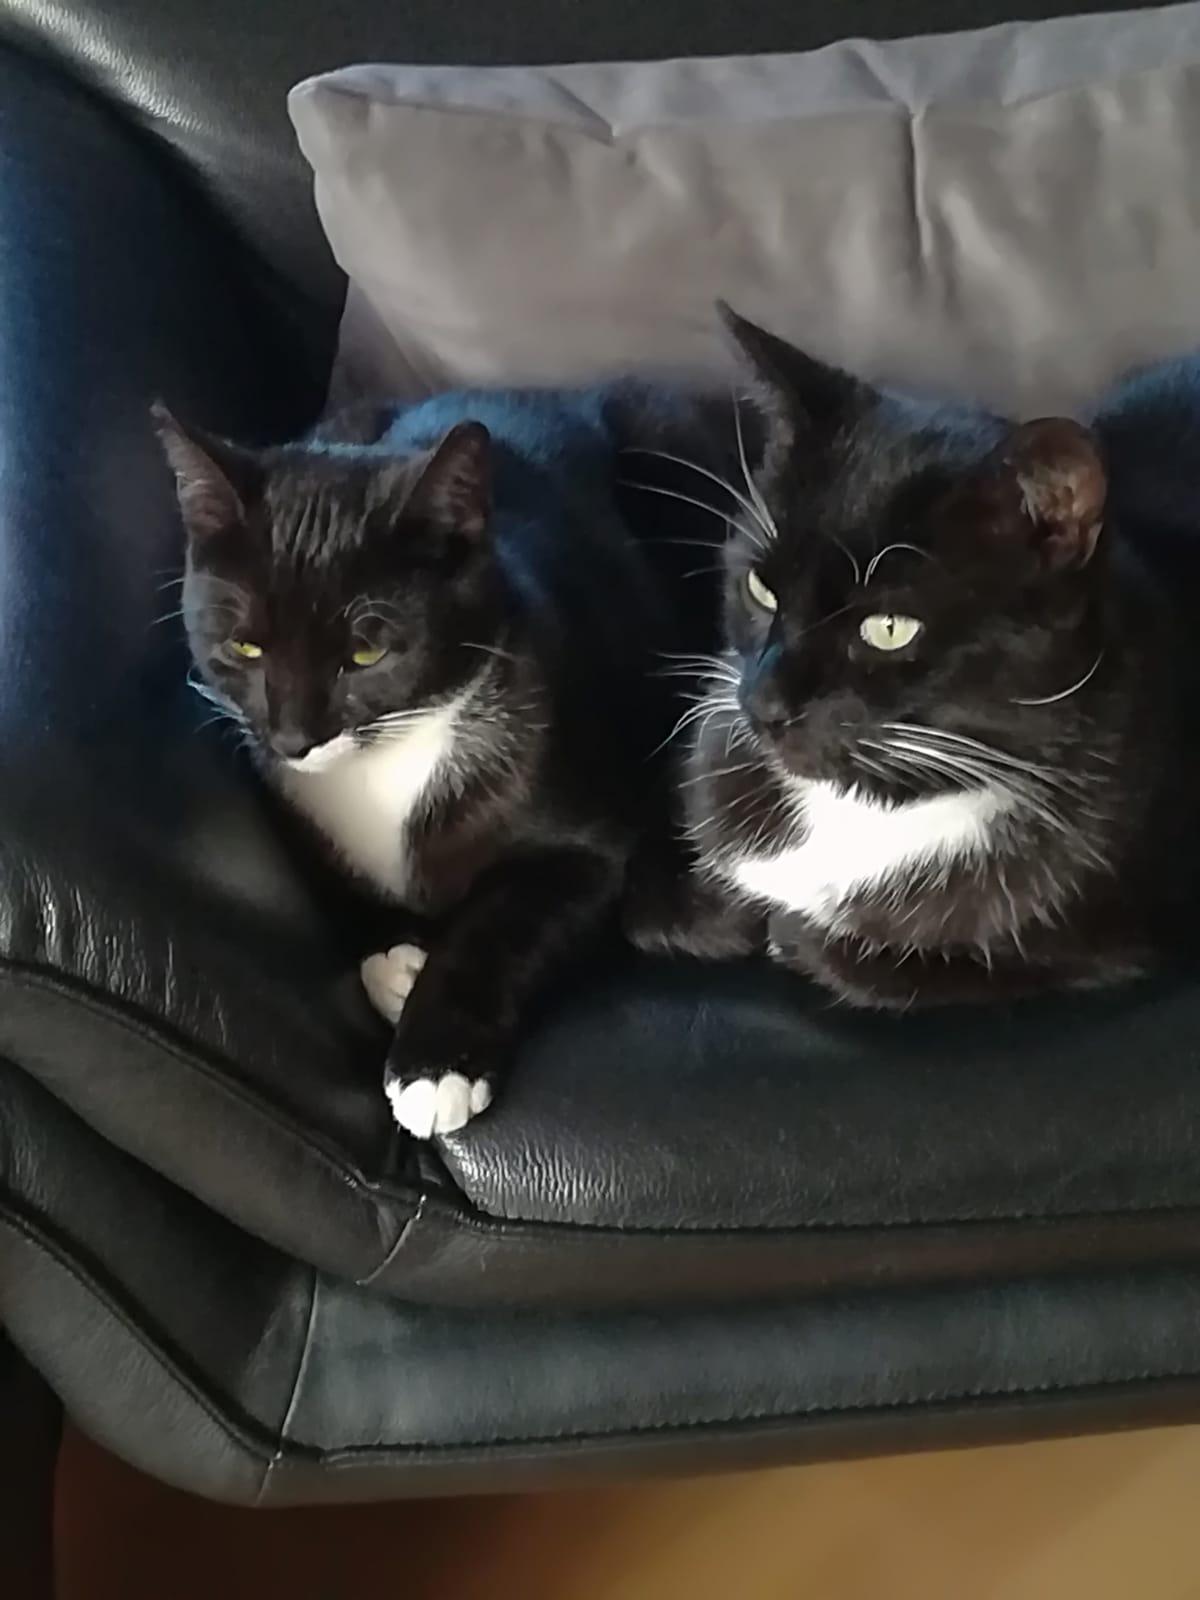 zwei schwarz-weiße Katzen dicht nebeneinander auf einem Sofa